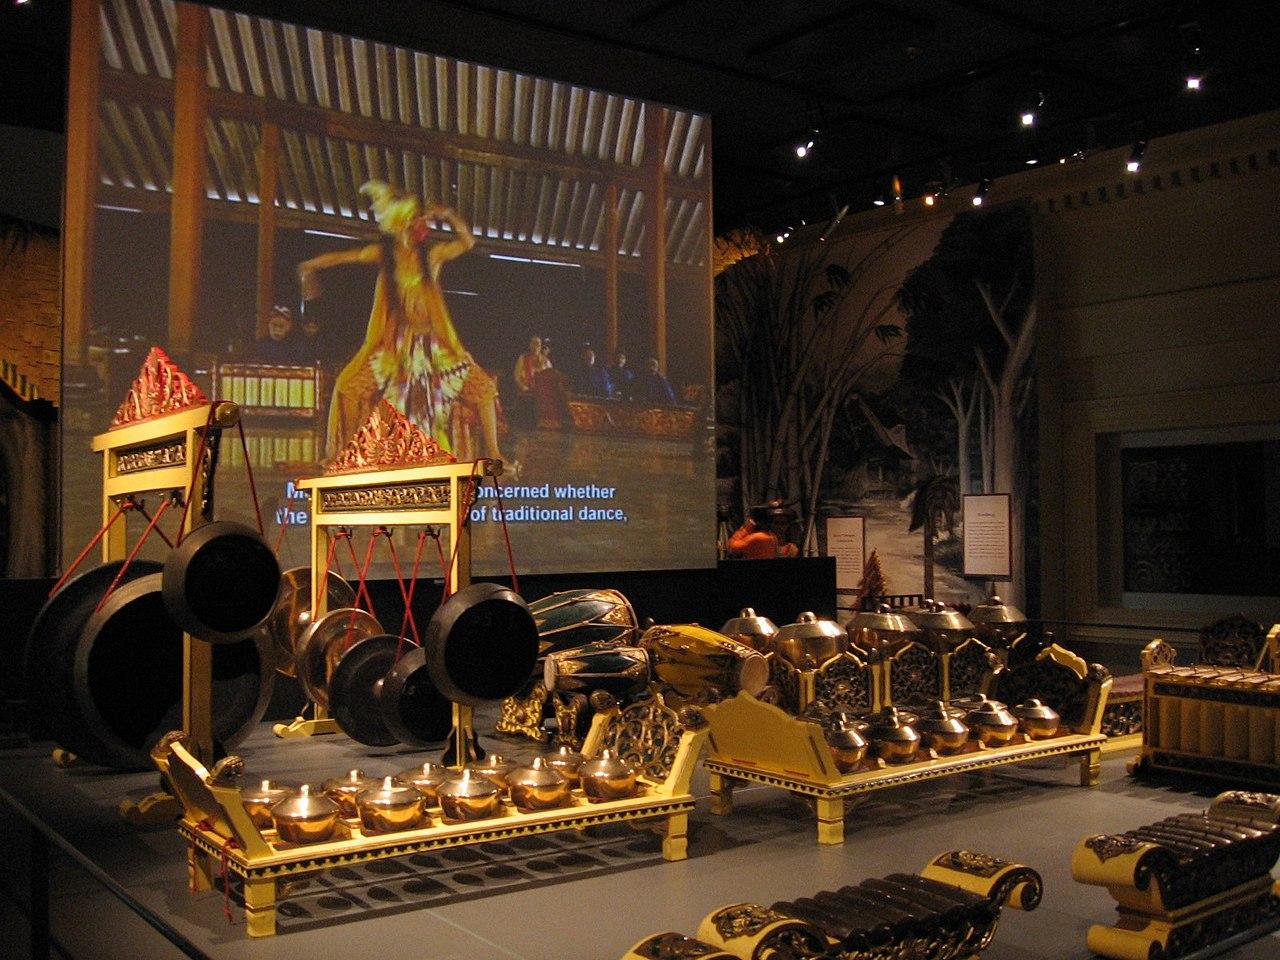 file asian civilisations museum  empress place 16  aug 06